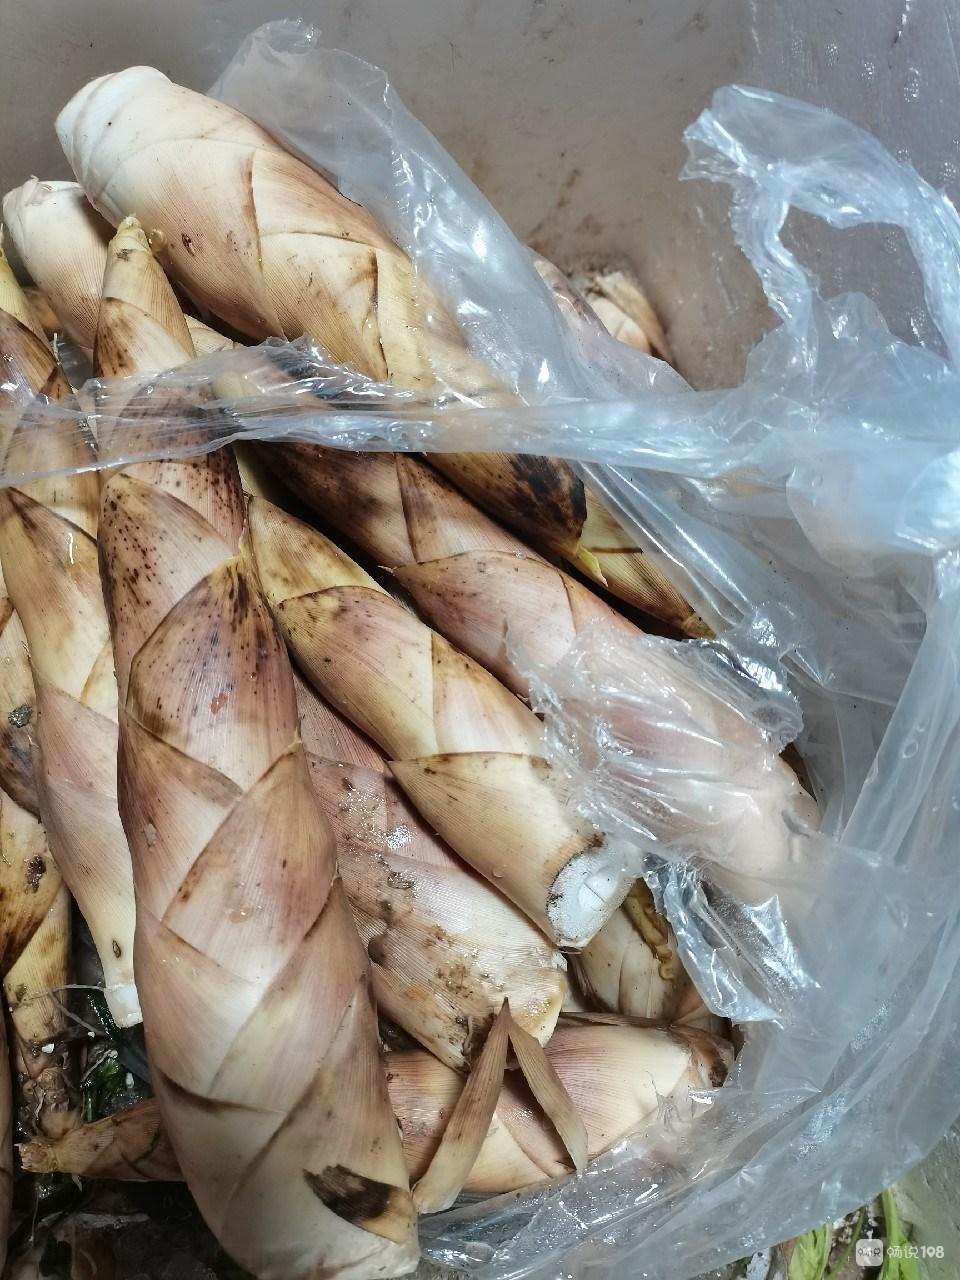 豆芽1元1斤,雷笋10元左右,蔬菜马上要降价了吧?